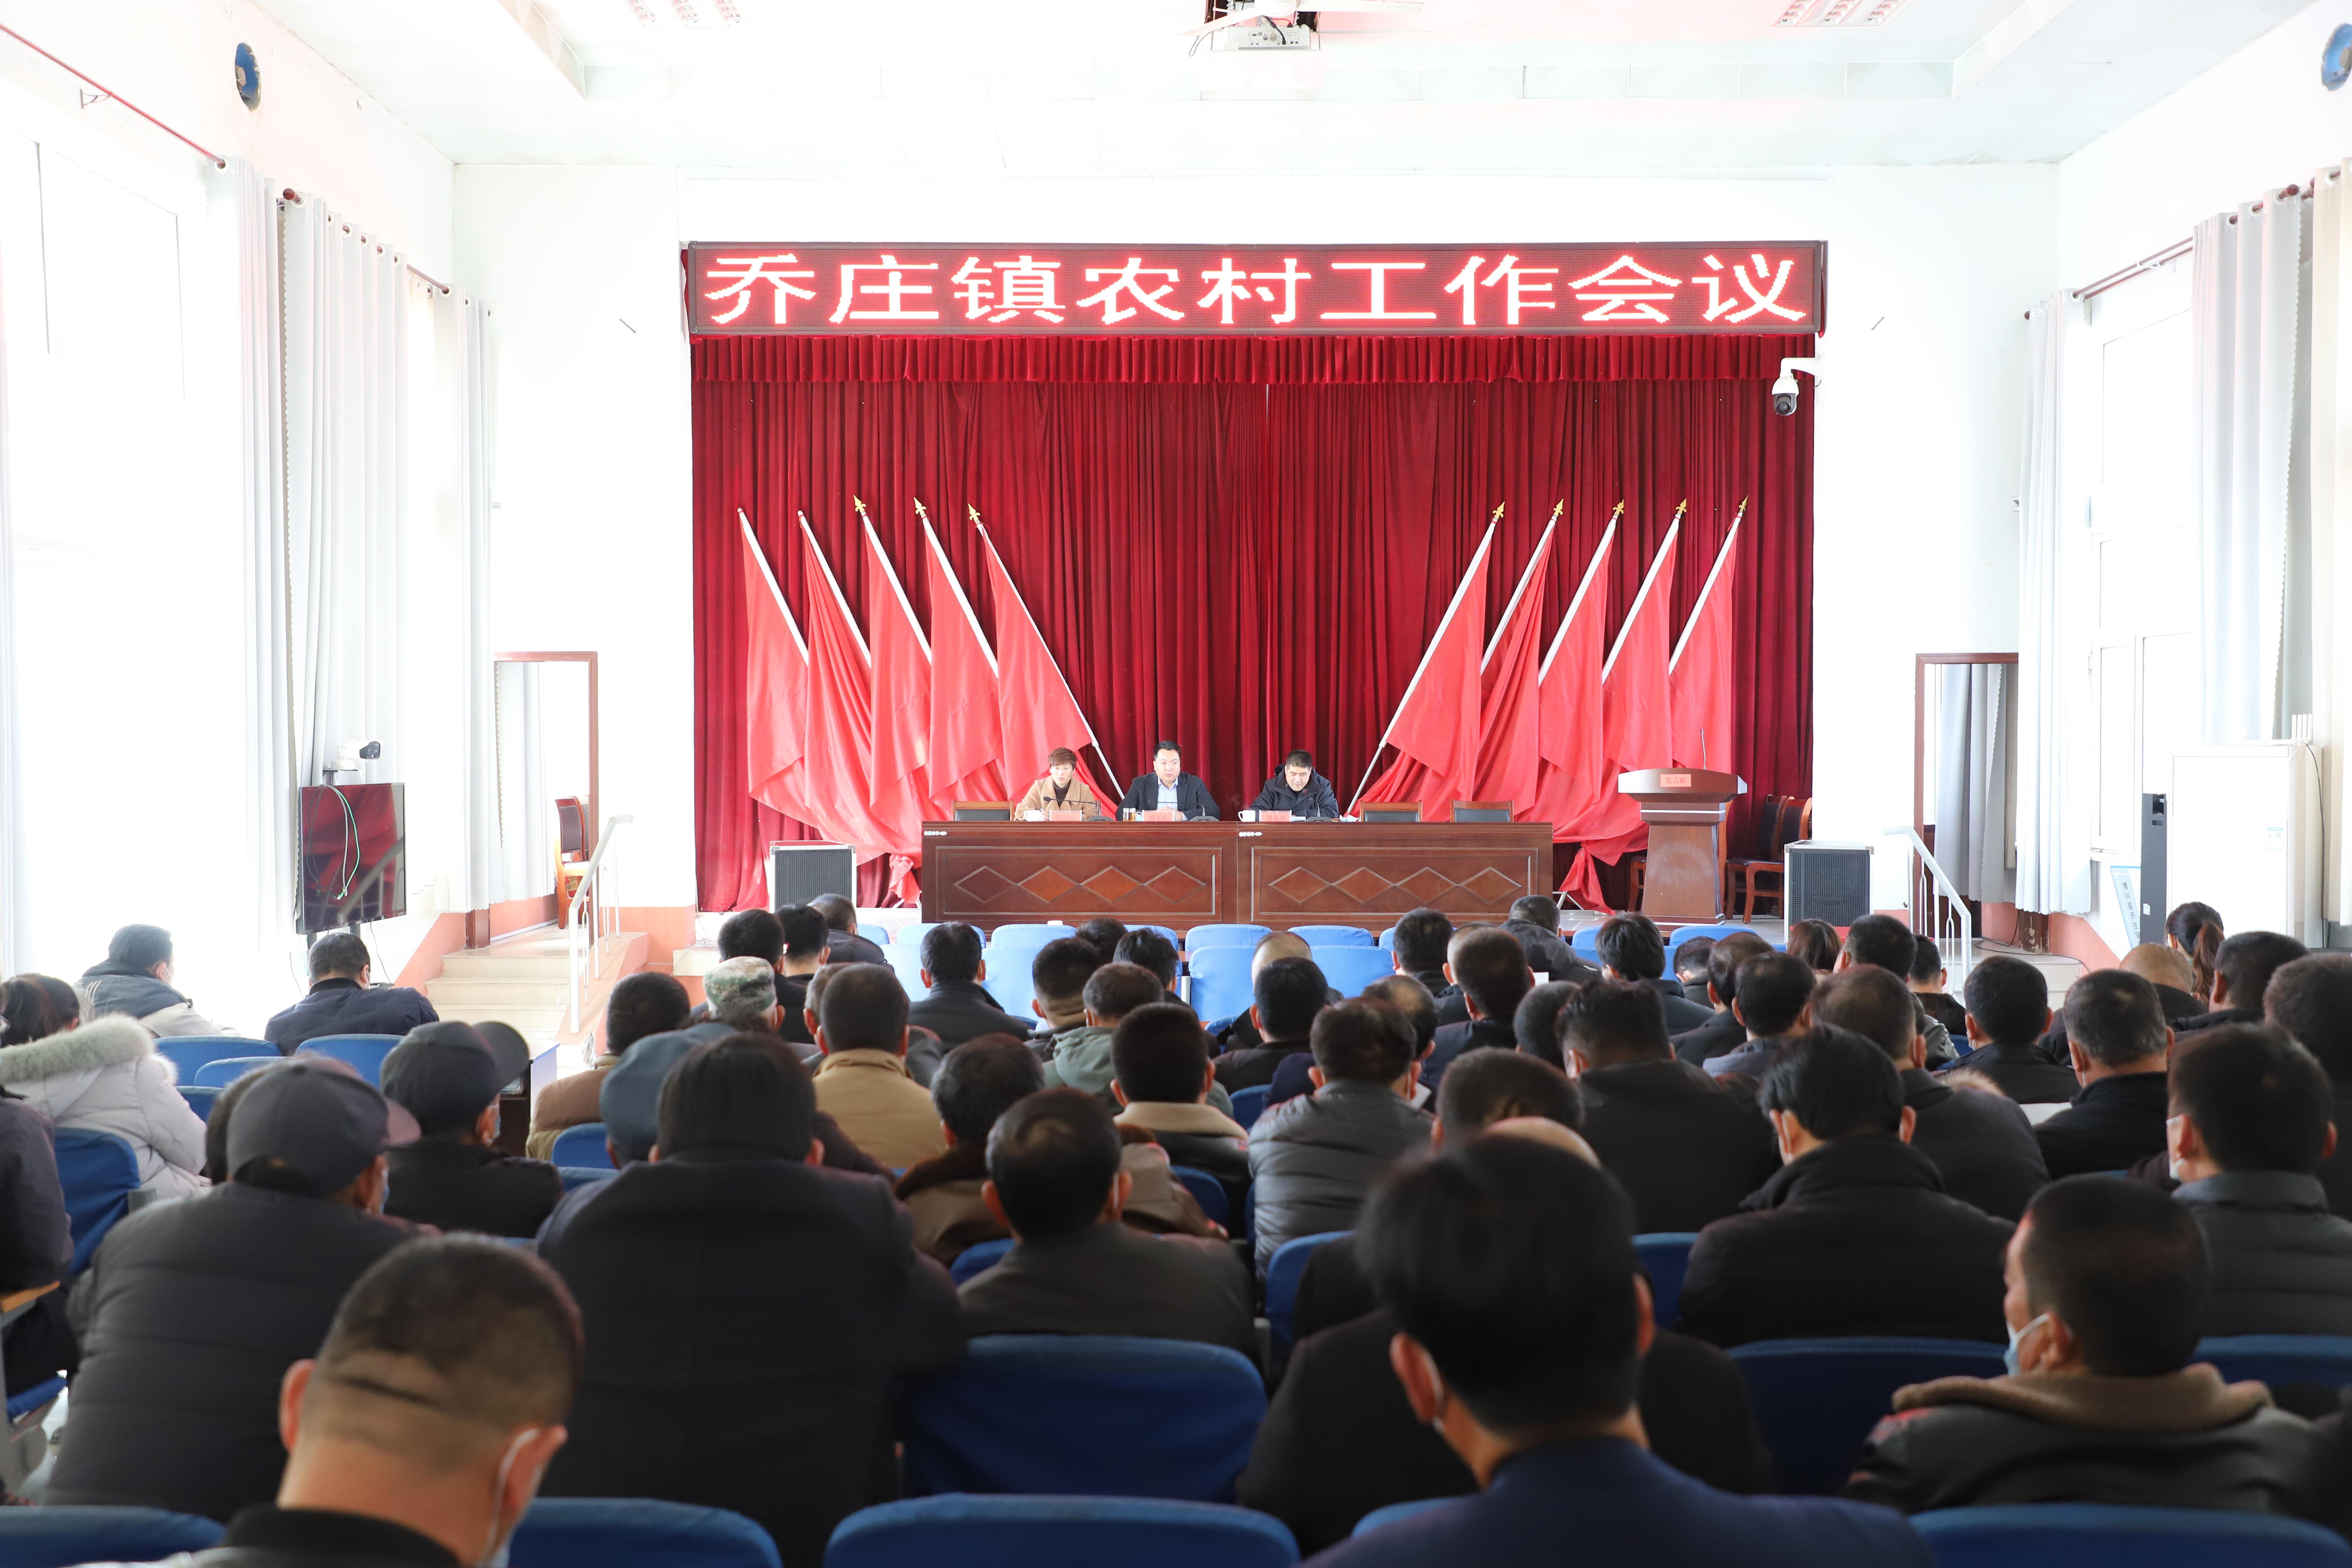 博兴县乔庄镇召开农村工作会议